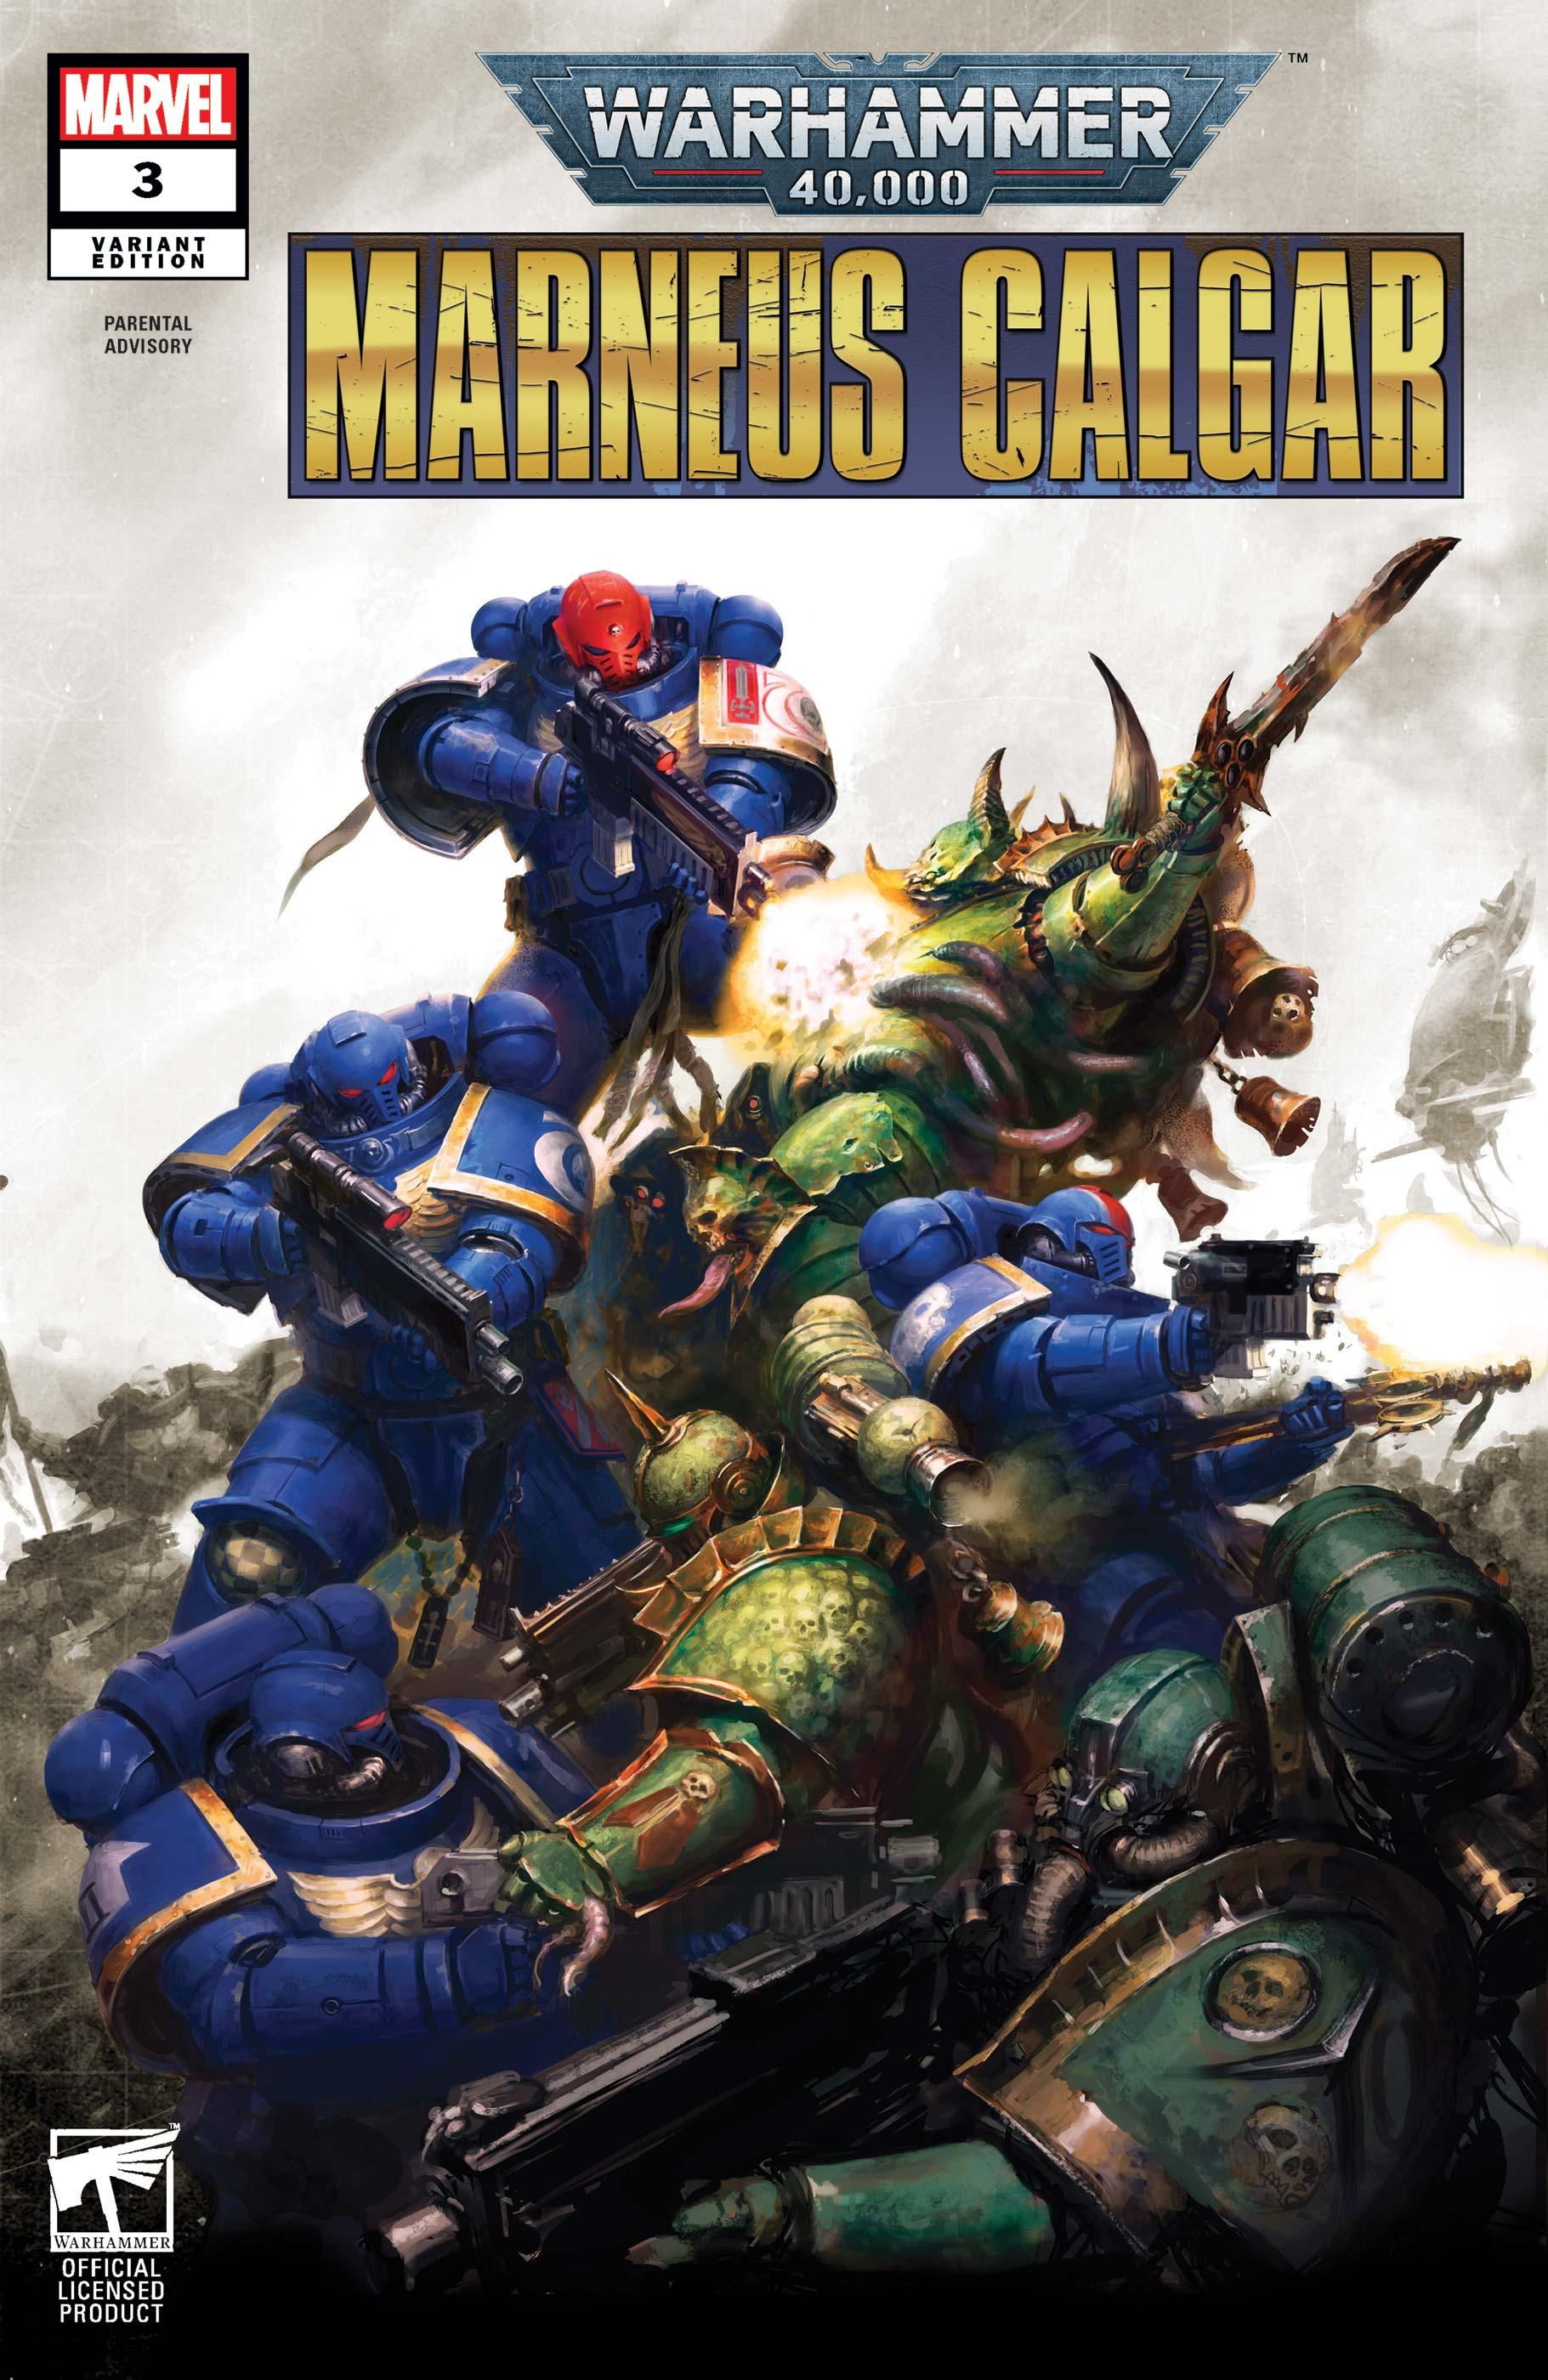 Warhammer 40,000: Marneus Calgar (2020) #3 (Variant)